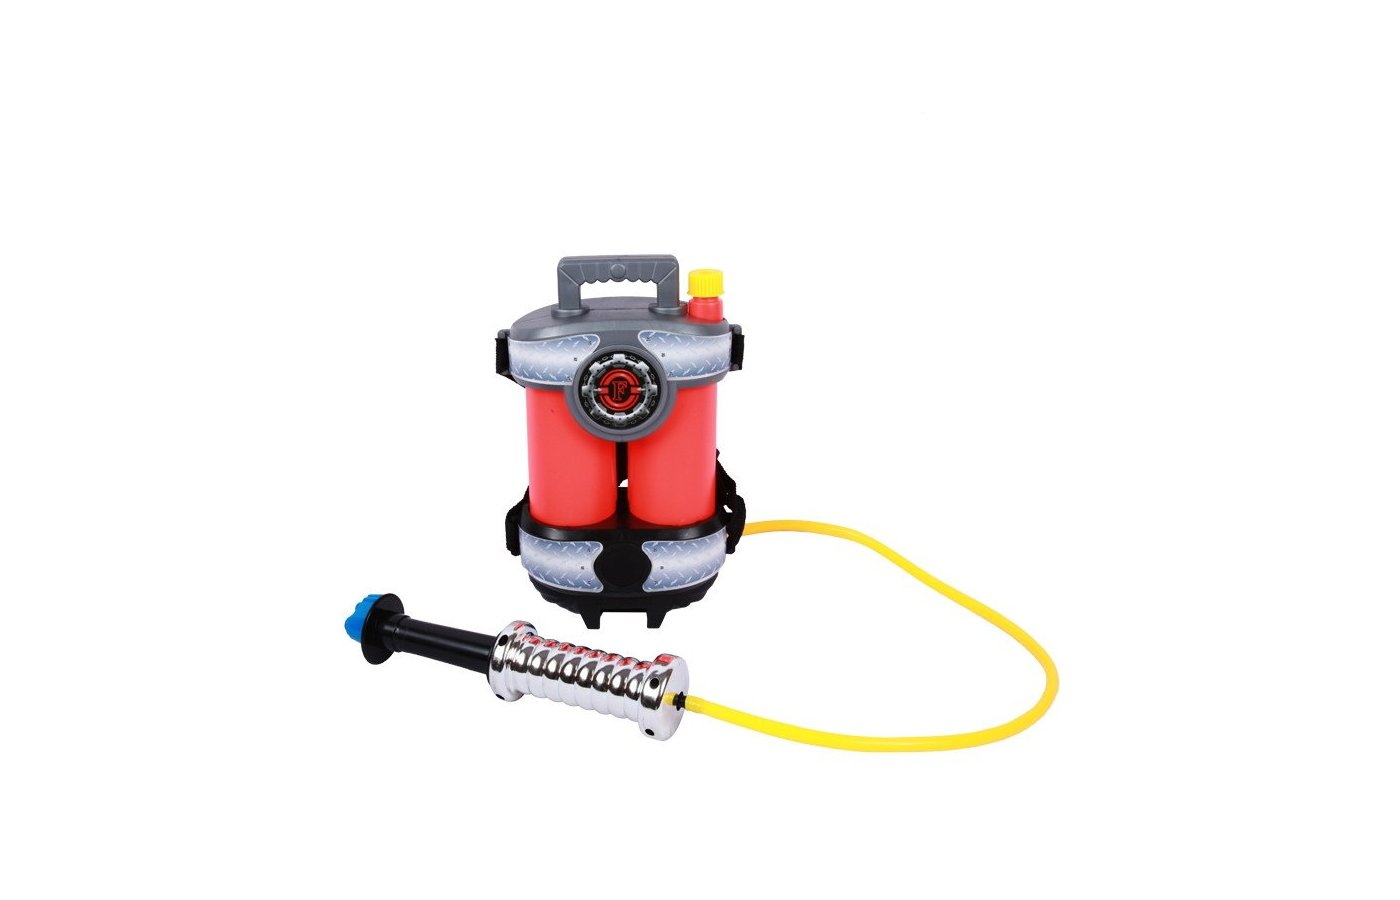 Игрушка Bebelot BEB1106-101 водная помпа Спасательная операция